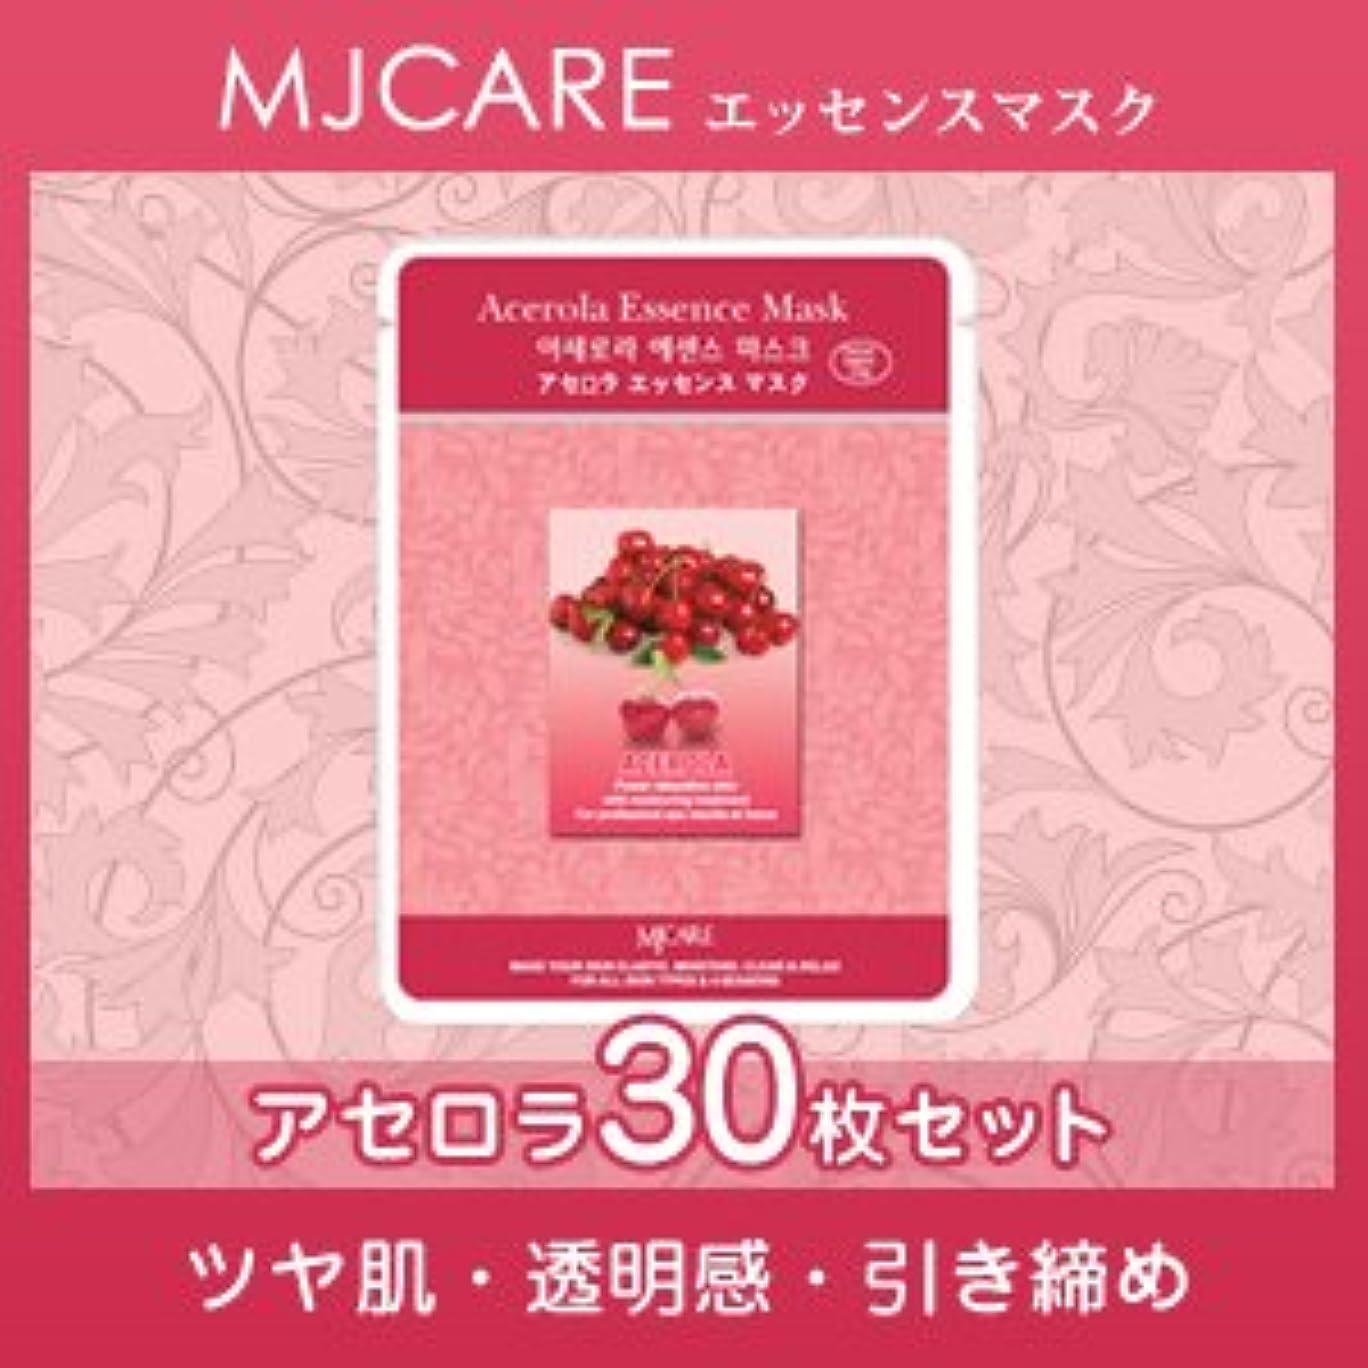 発掘繊維統治可能MJCARE (エムジェイケア) アセロラ エッセンスマスク 30セット